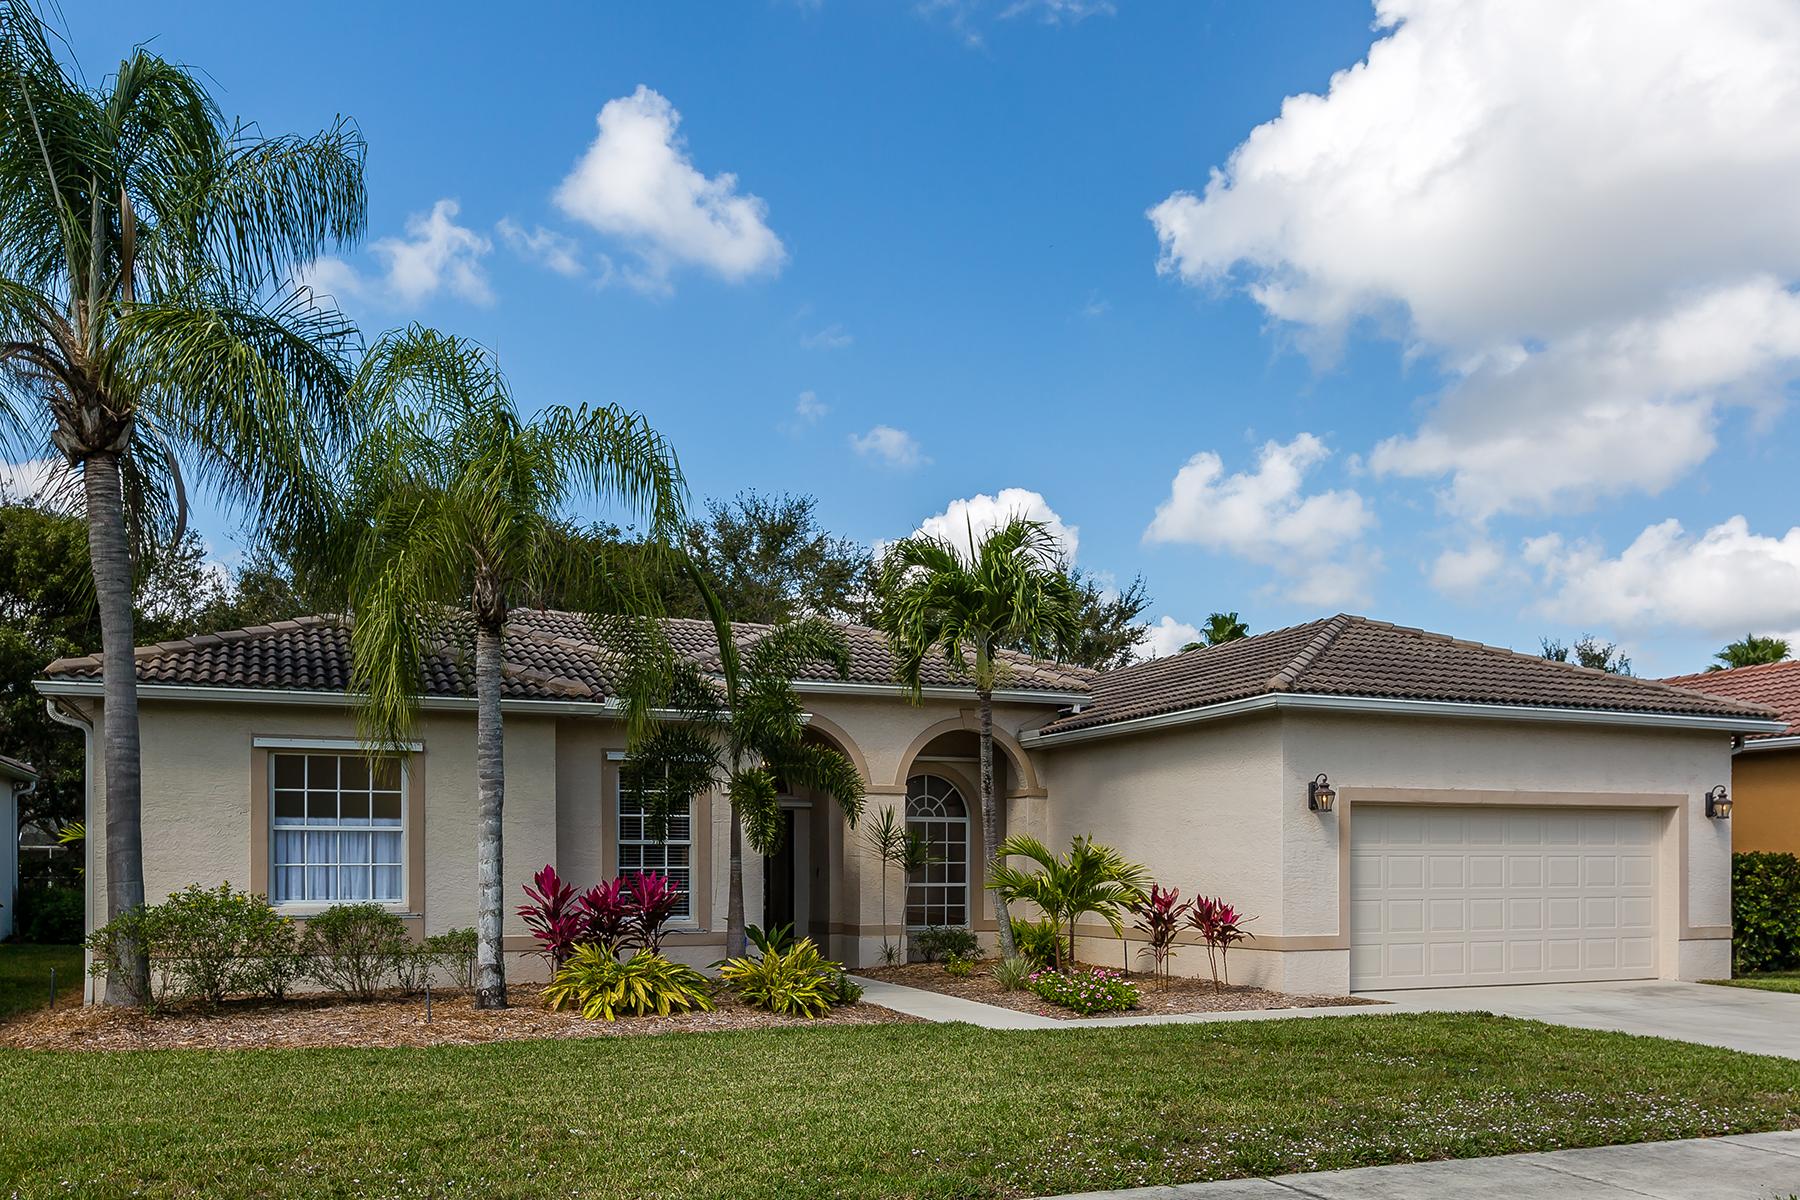 단독 가정 주택 용 매매 에 LAUREL LAKES 8508 Laurel Lakes Blvd Naples, 플로리다, 34119 미국